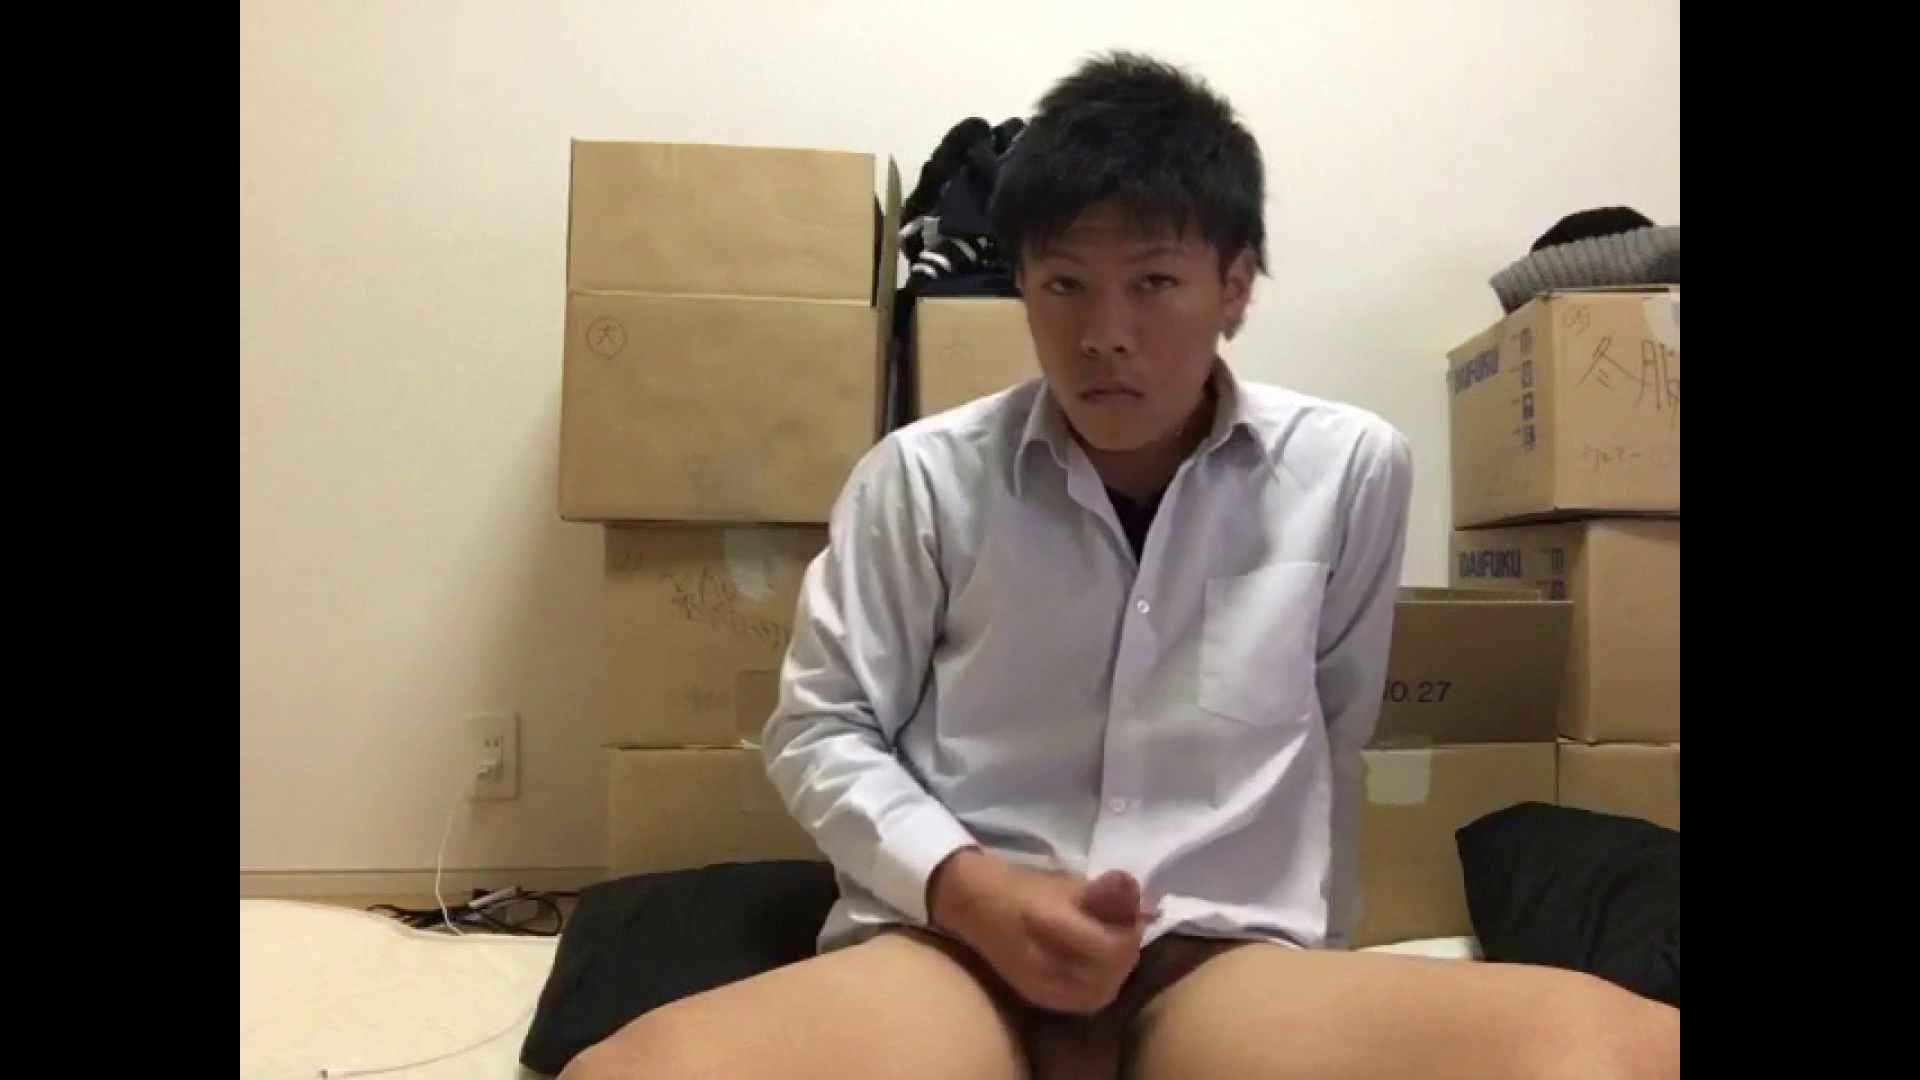 個人撮影 自慰の極意 Vol.1 個人撮影 ゲイエロ動画 101枚 3